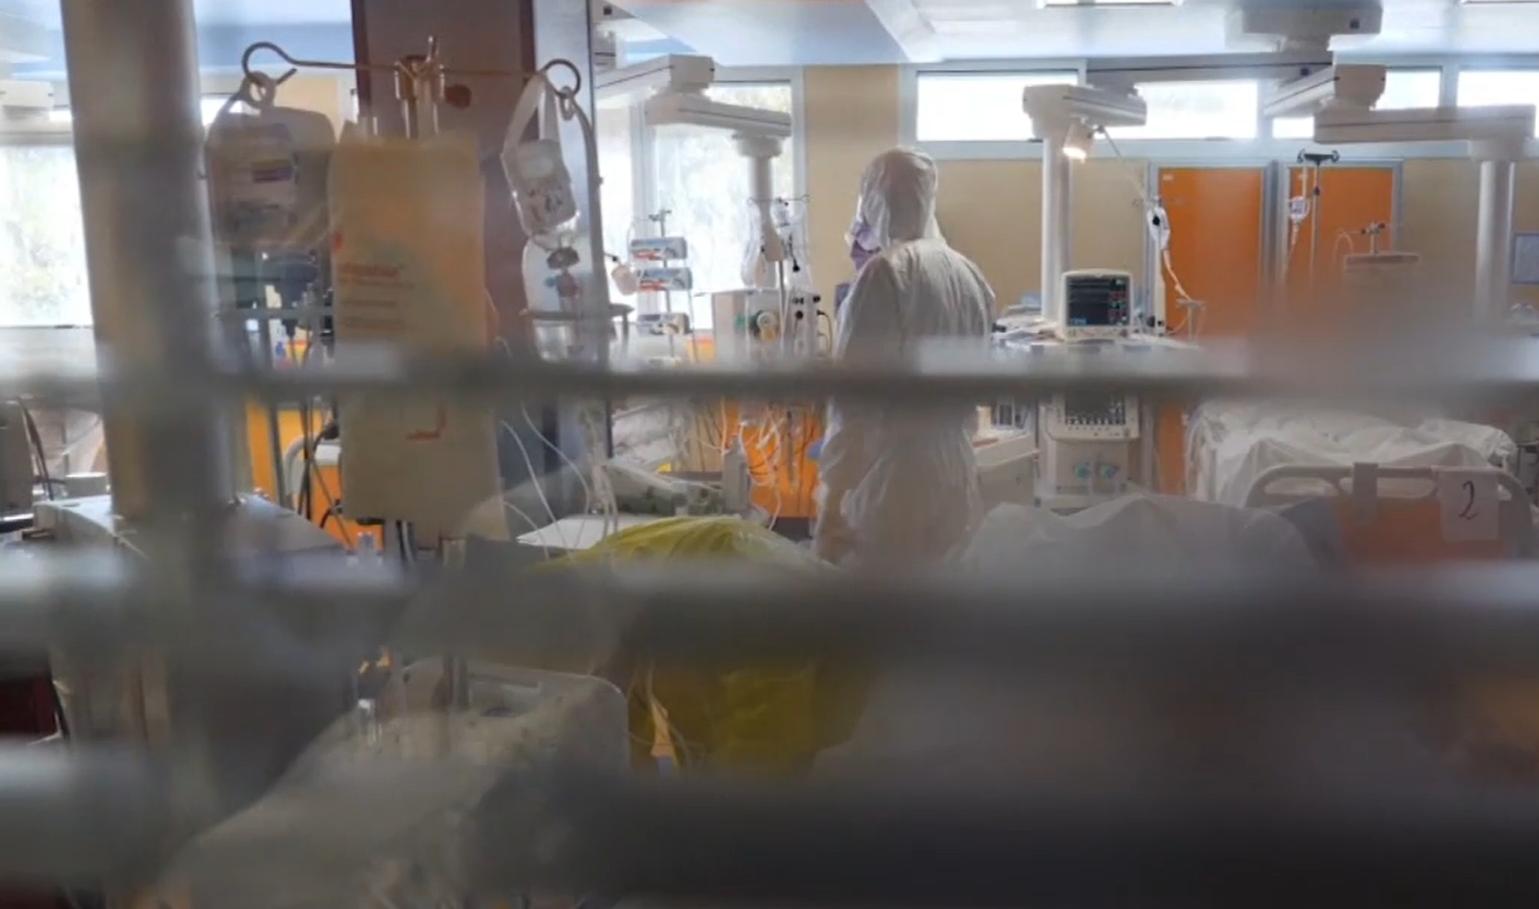 Офіційно пандемія коронавірусу вбила понад 983 тис. людей у світі - коронавірус - ABCnews